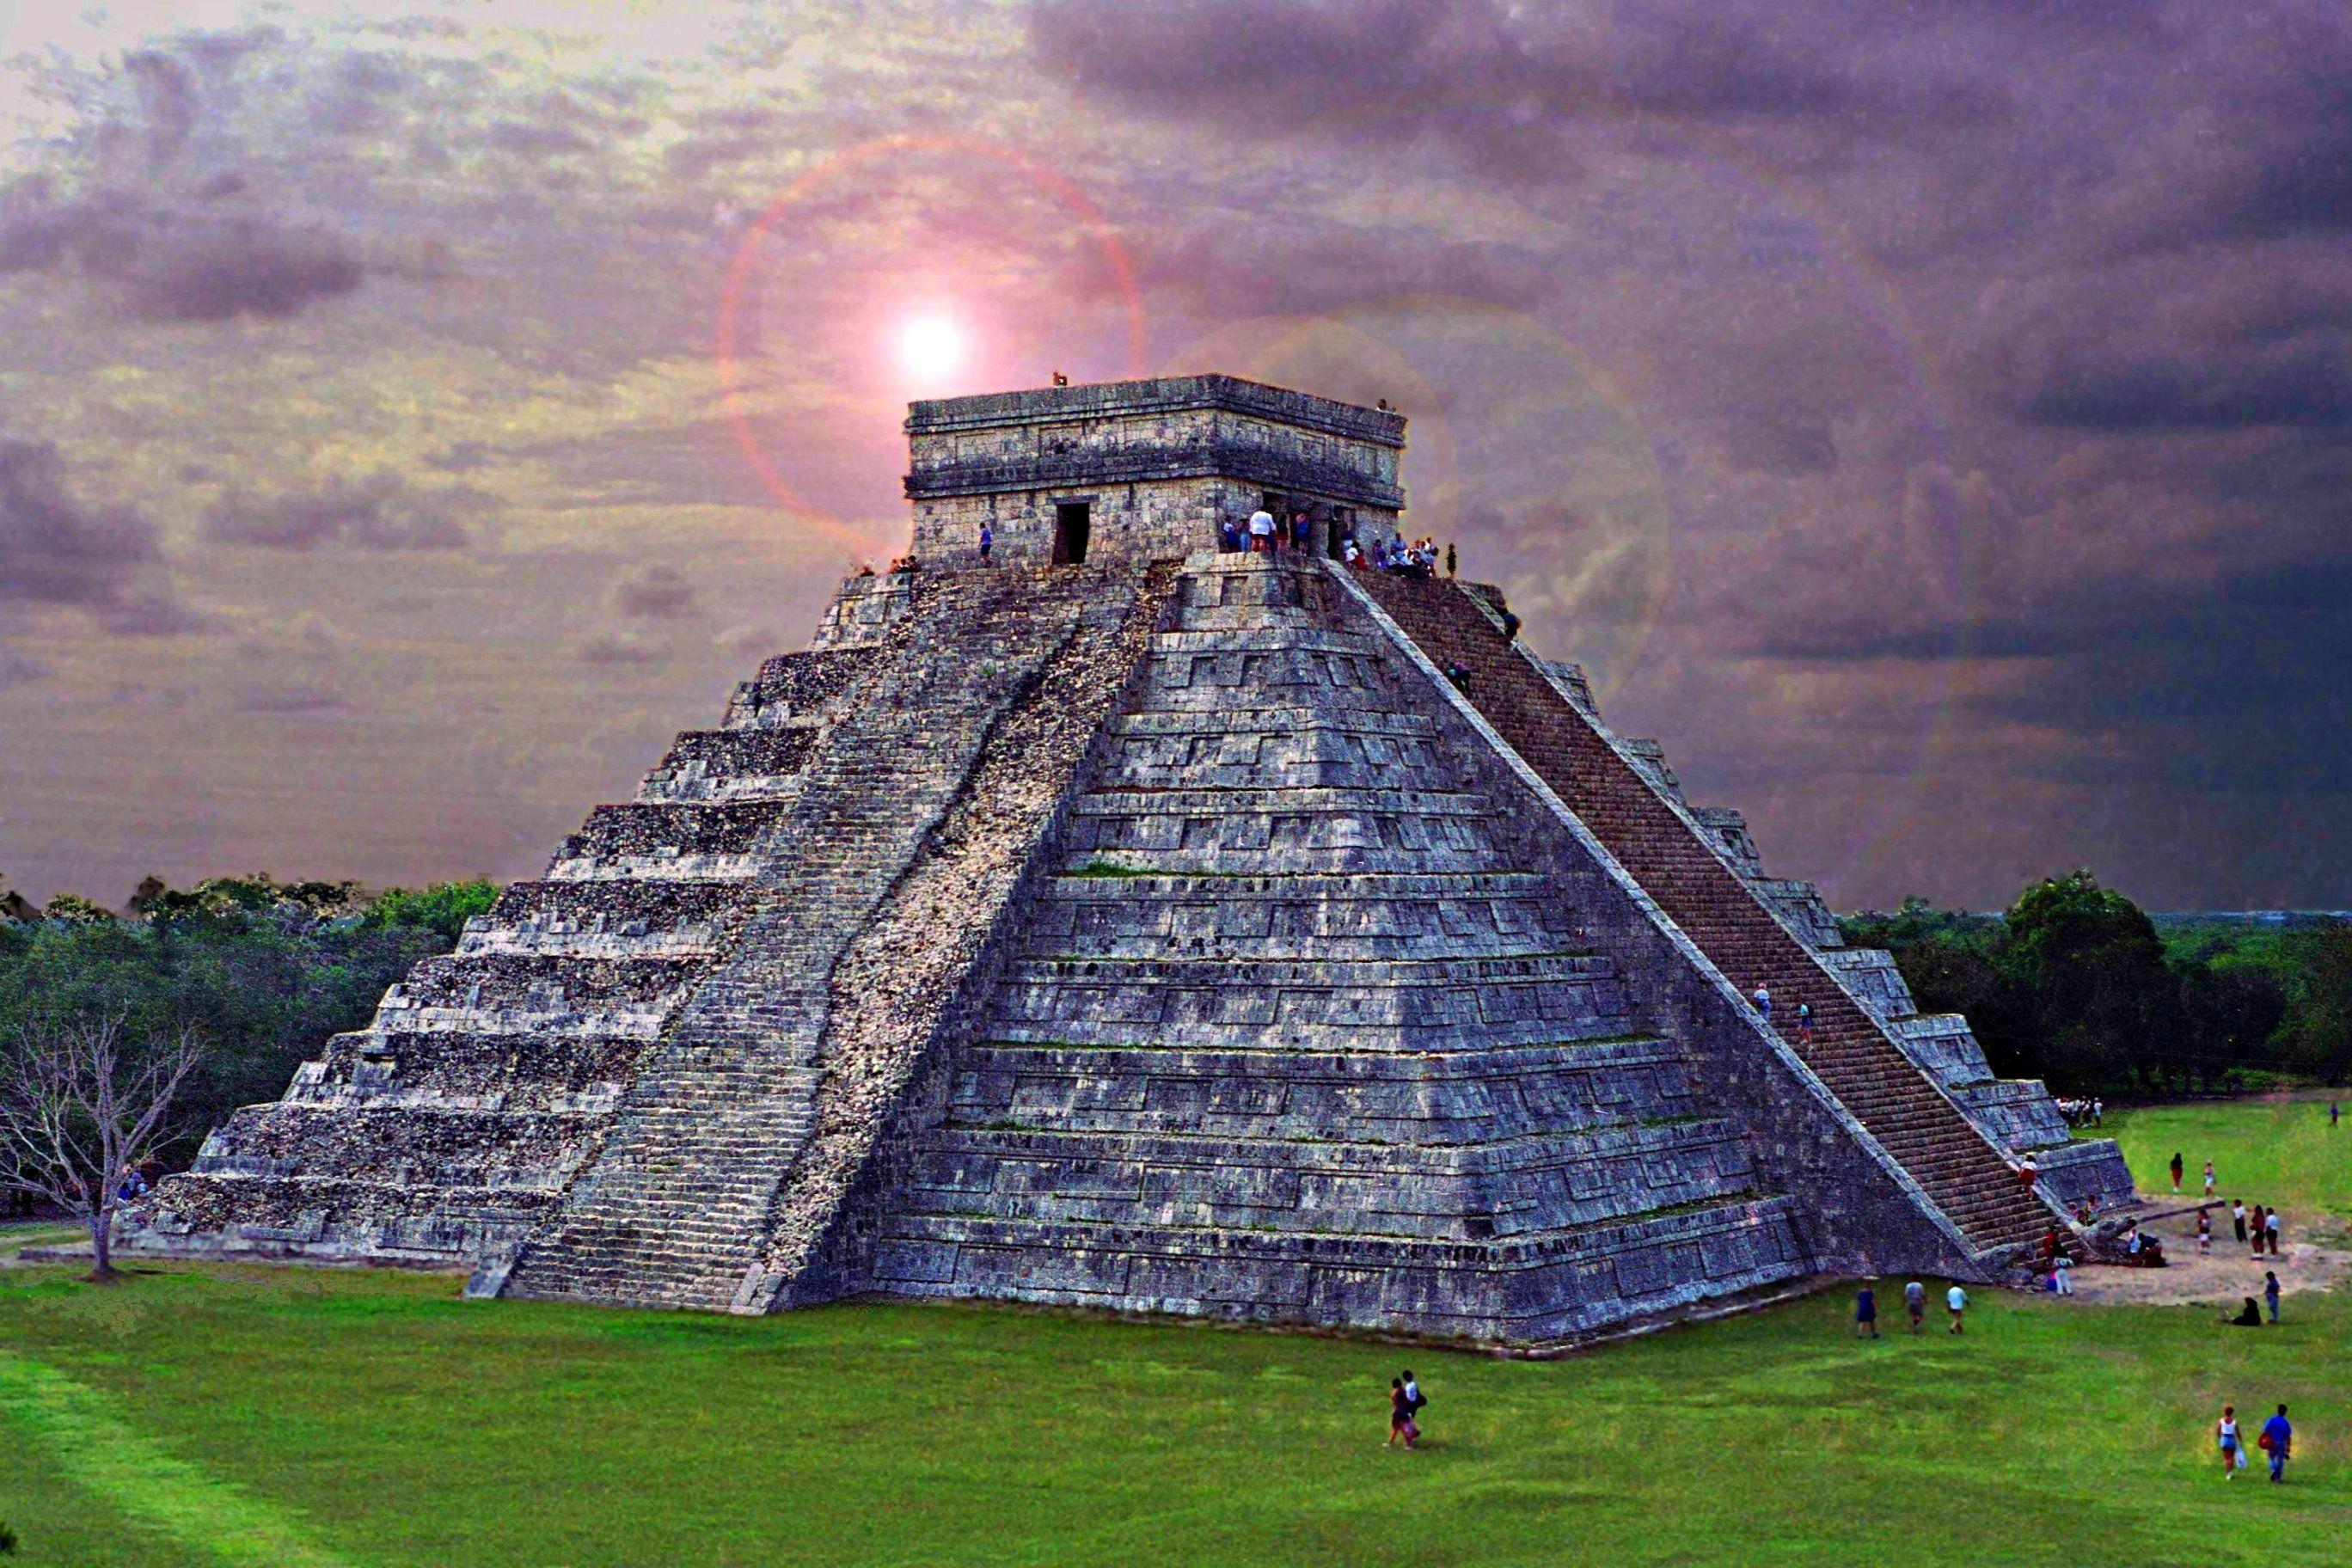 Zona arqueológica de Chichen Itzá en Yucatán.